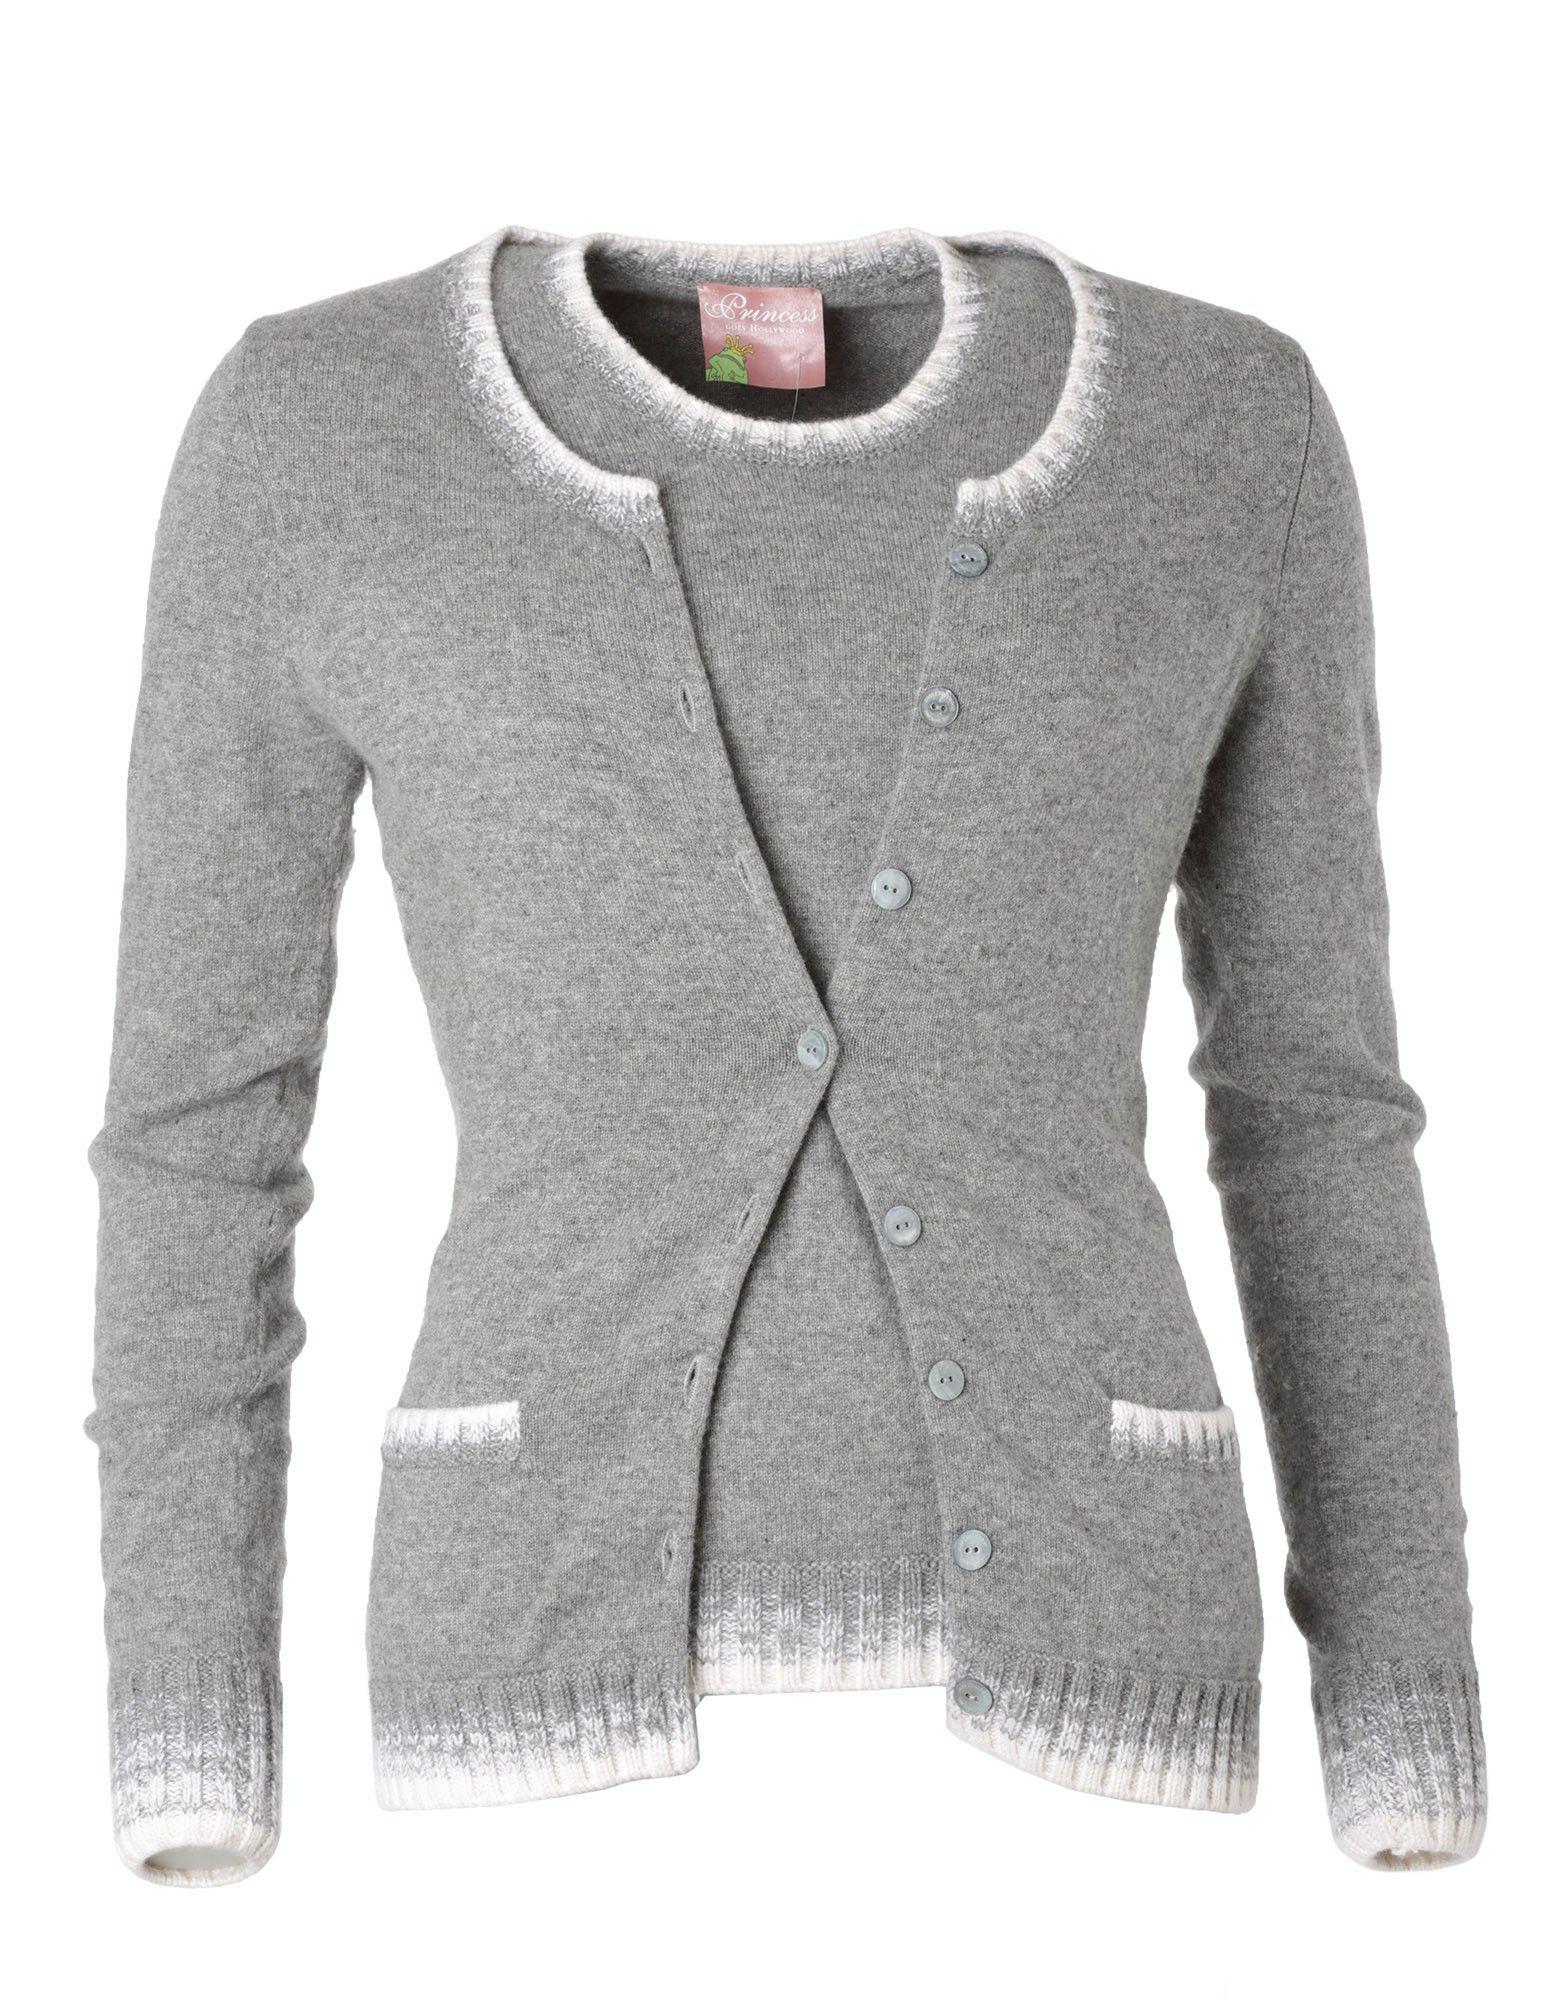 jetzt kaufen Einkaufen großer Lagerverkauf Princess goes Hollywood Cashmere Twinset grau. Gr. 38 ...